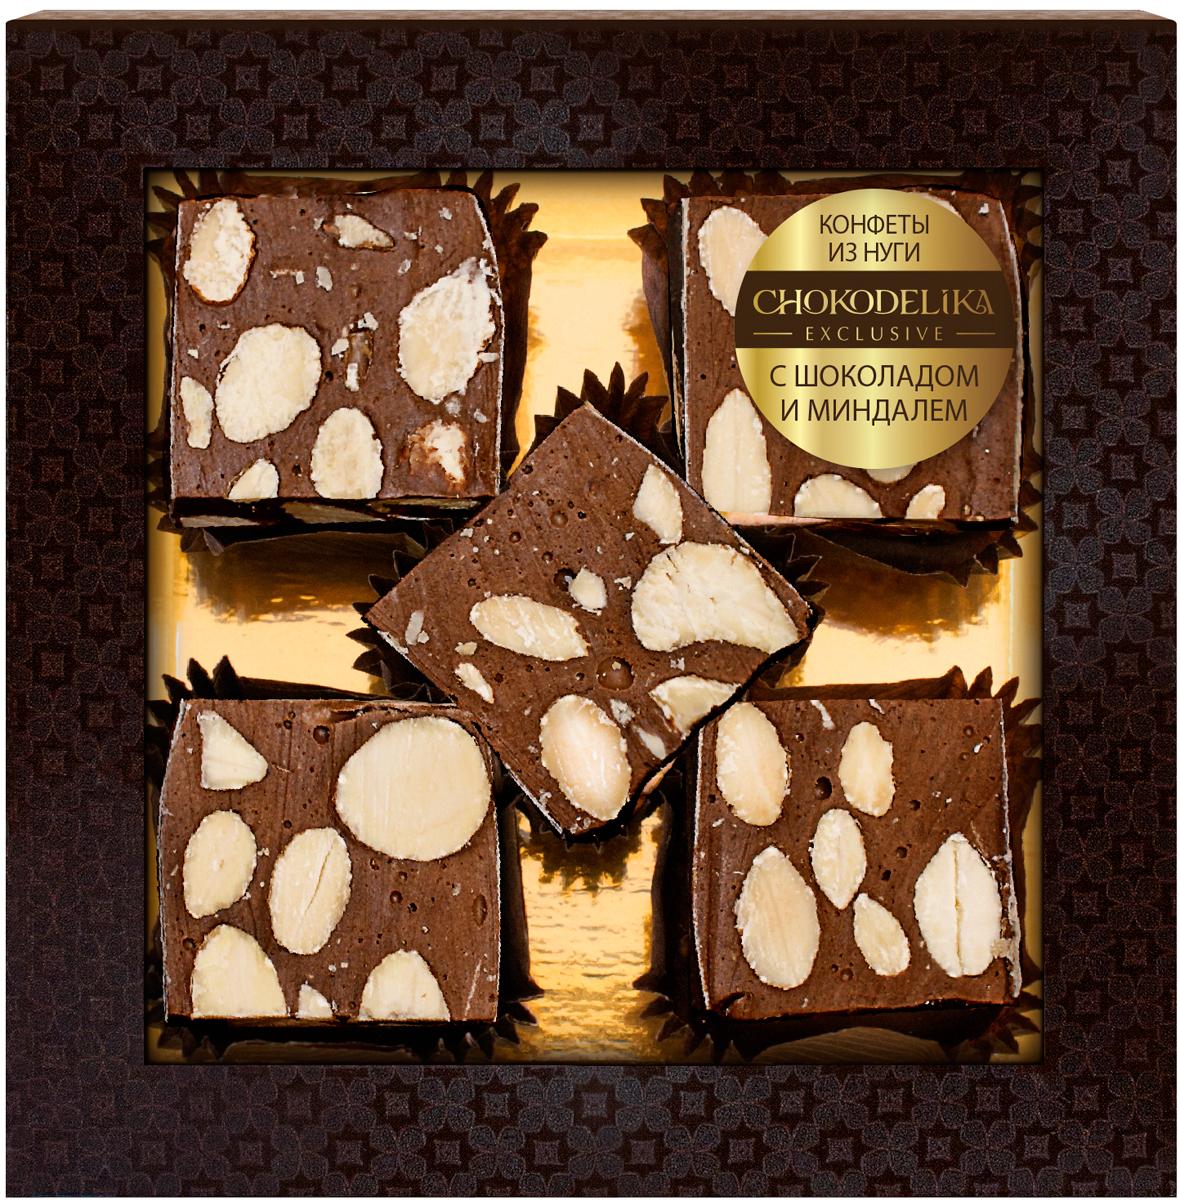 Нуга с шоколадом и миндалем Chokodelika, 80 г